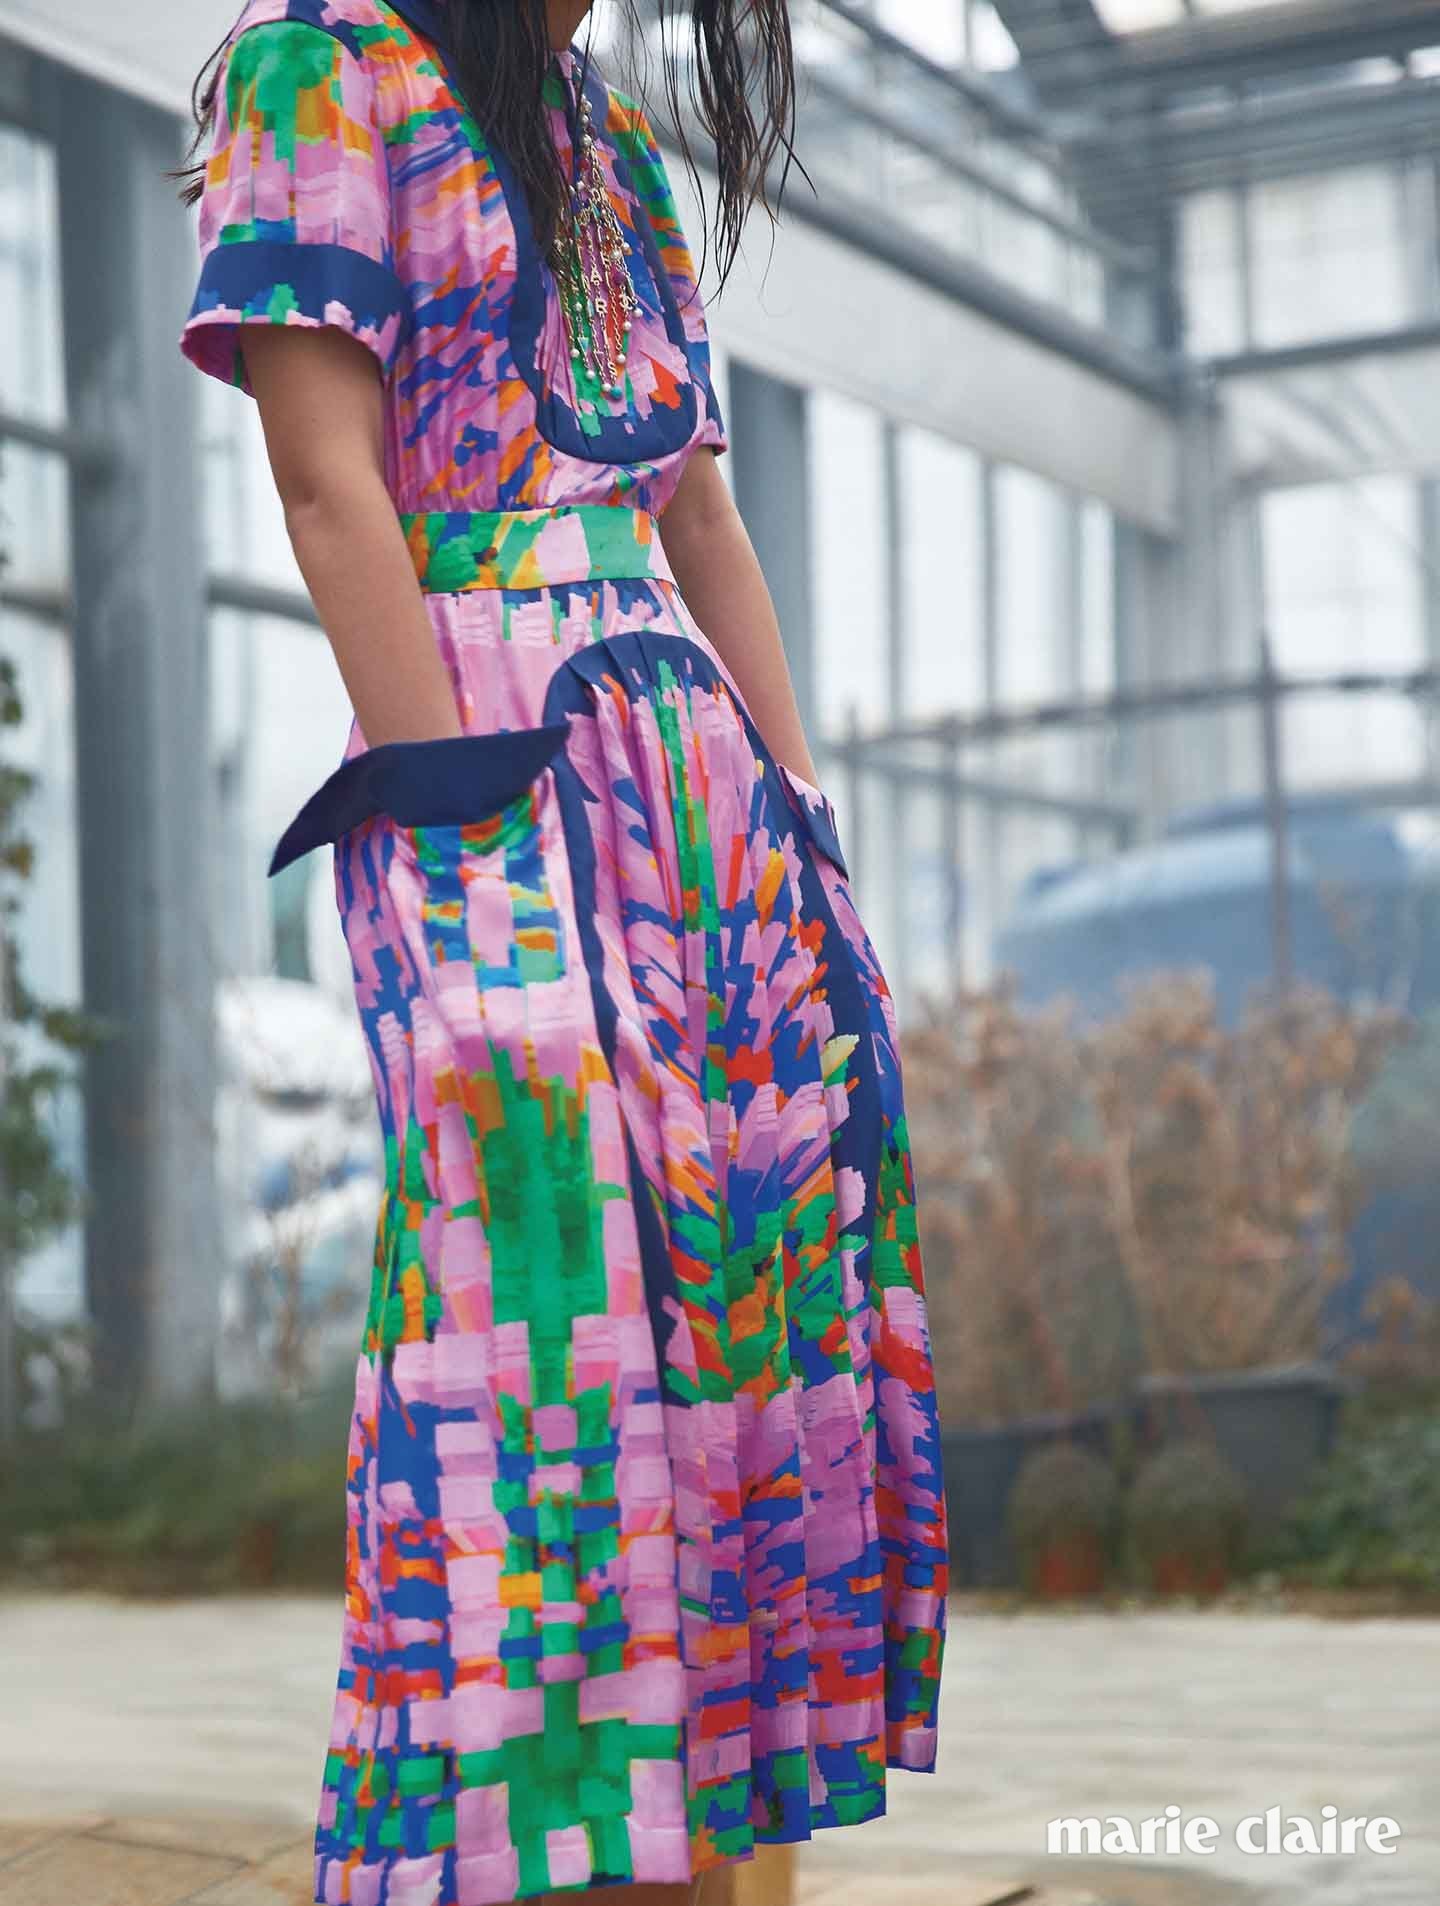 화려한 컬러 매치가 특징인 플리츠 드레스와 네크리스 모두 샤넬(Chanel)